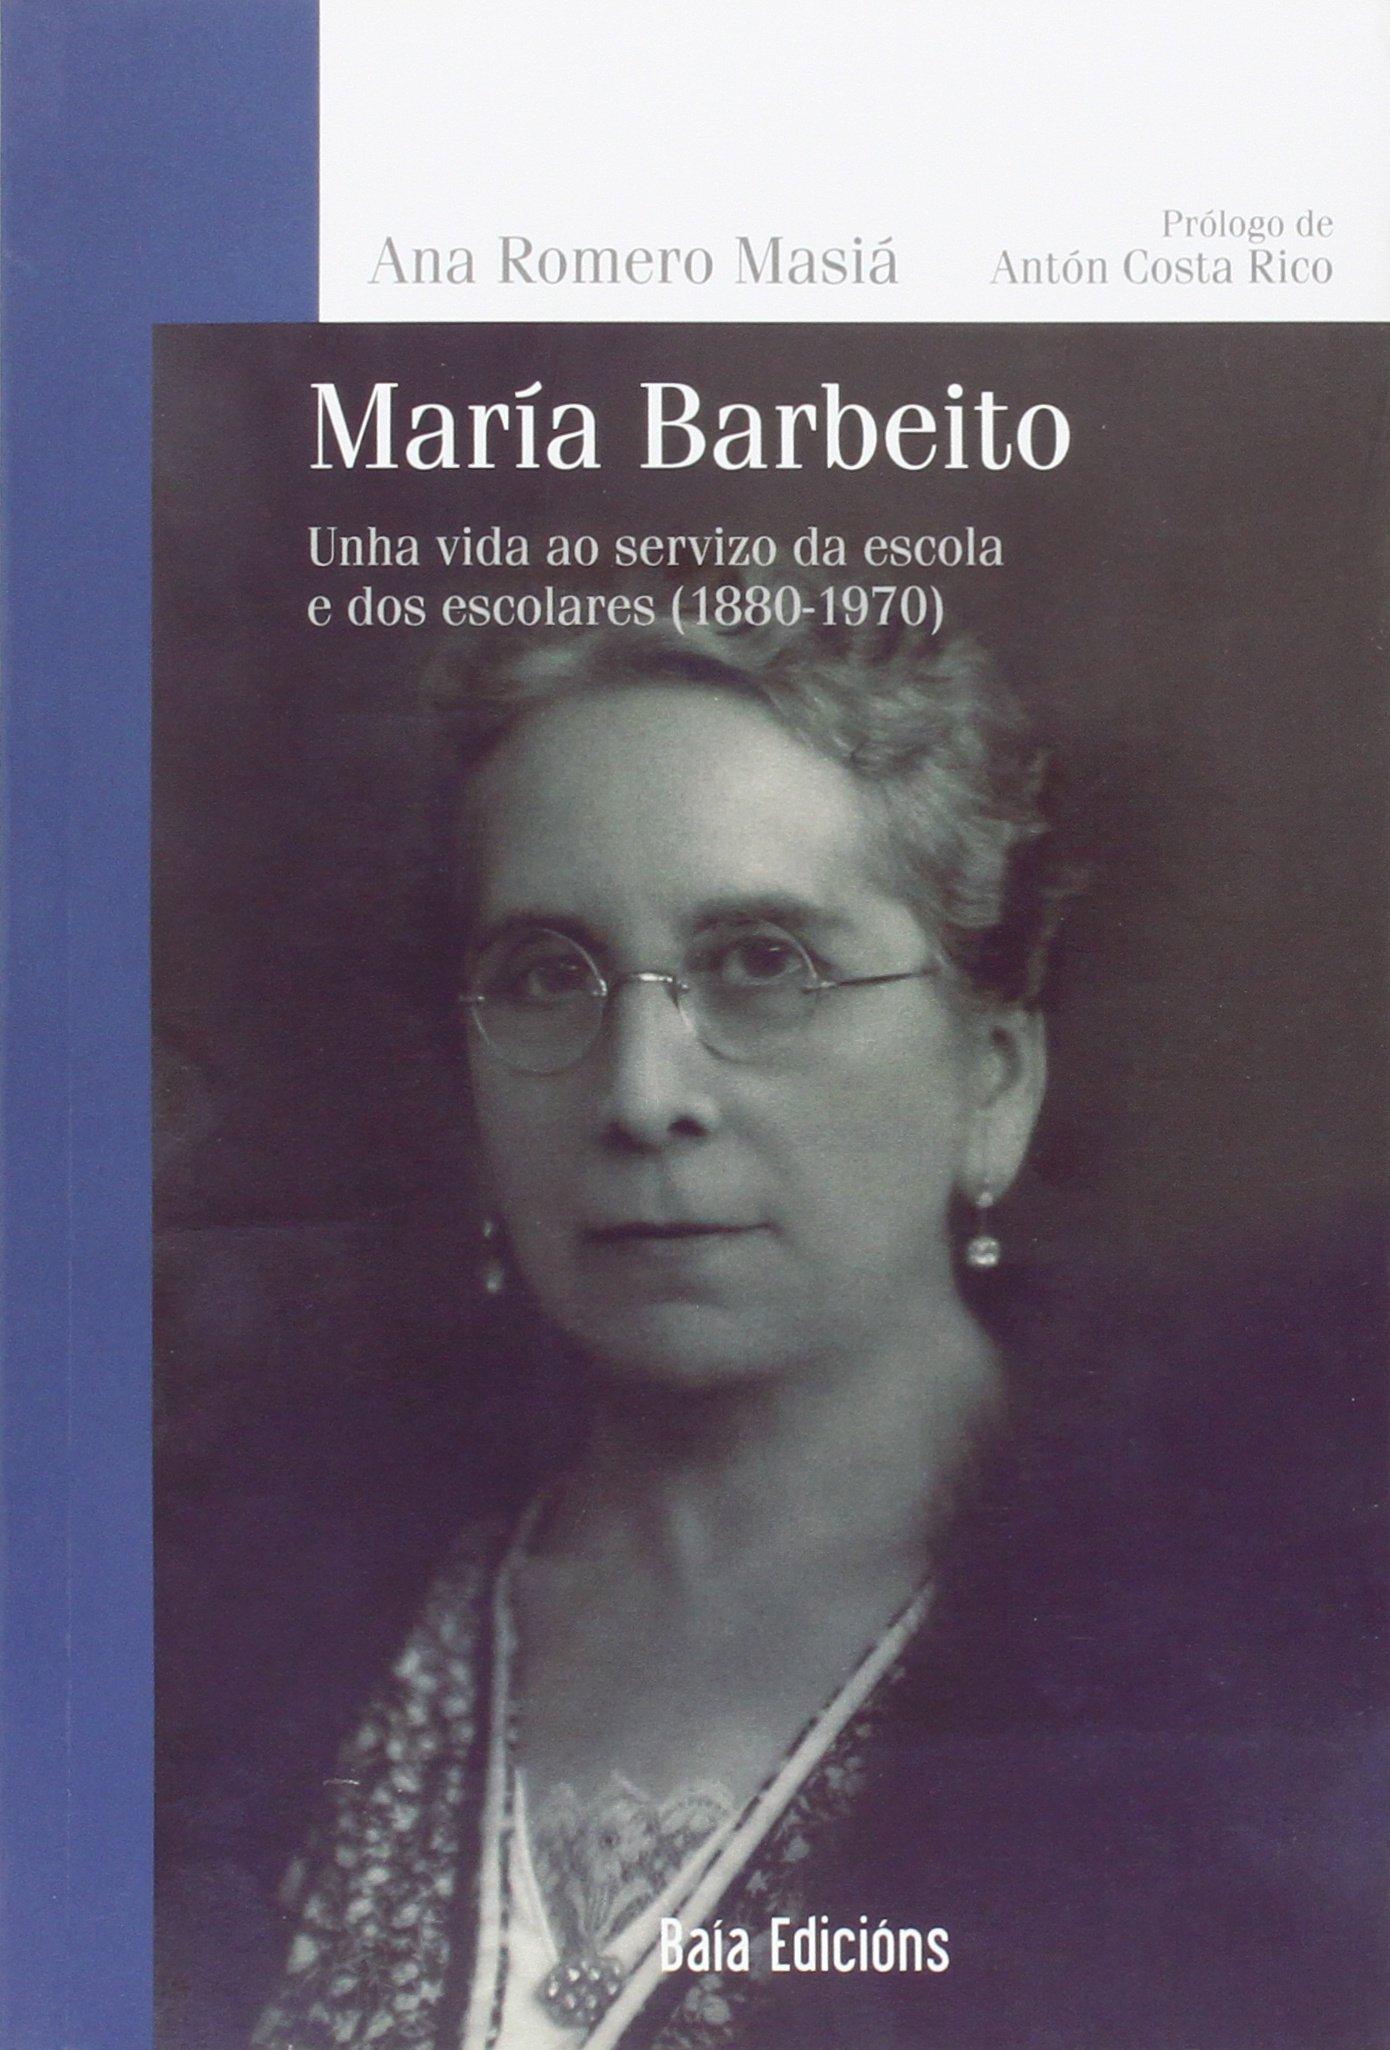 María Barbeito: Unha vida ao servizo da escola e dos escolares 1880-1970 Baía Ensaio: Amazon.es: Romero Masiá, Ana: Libros